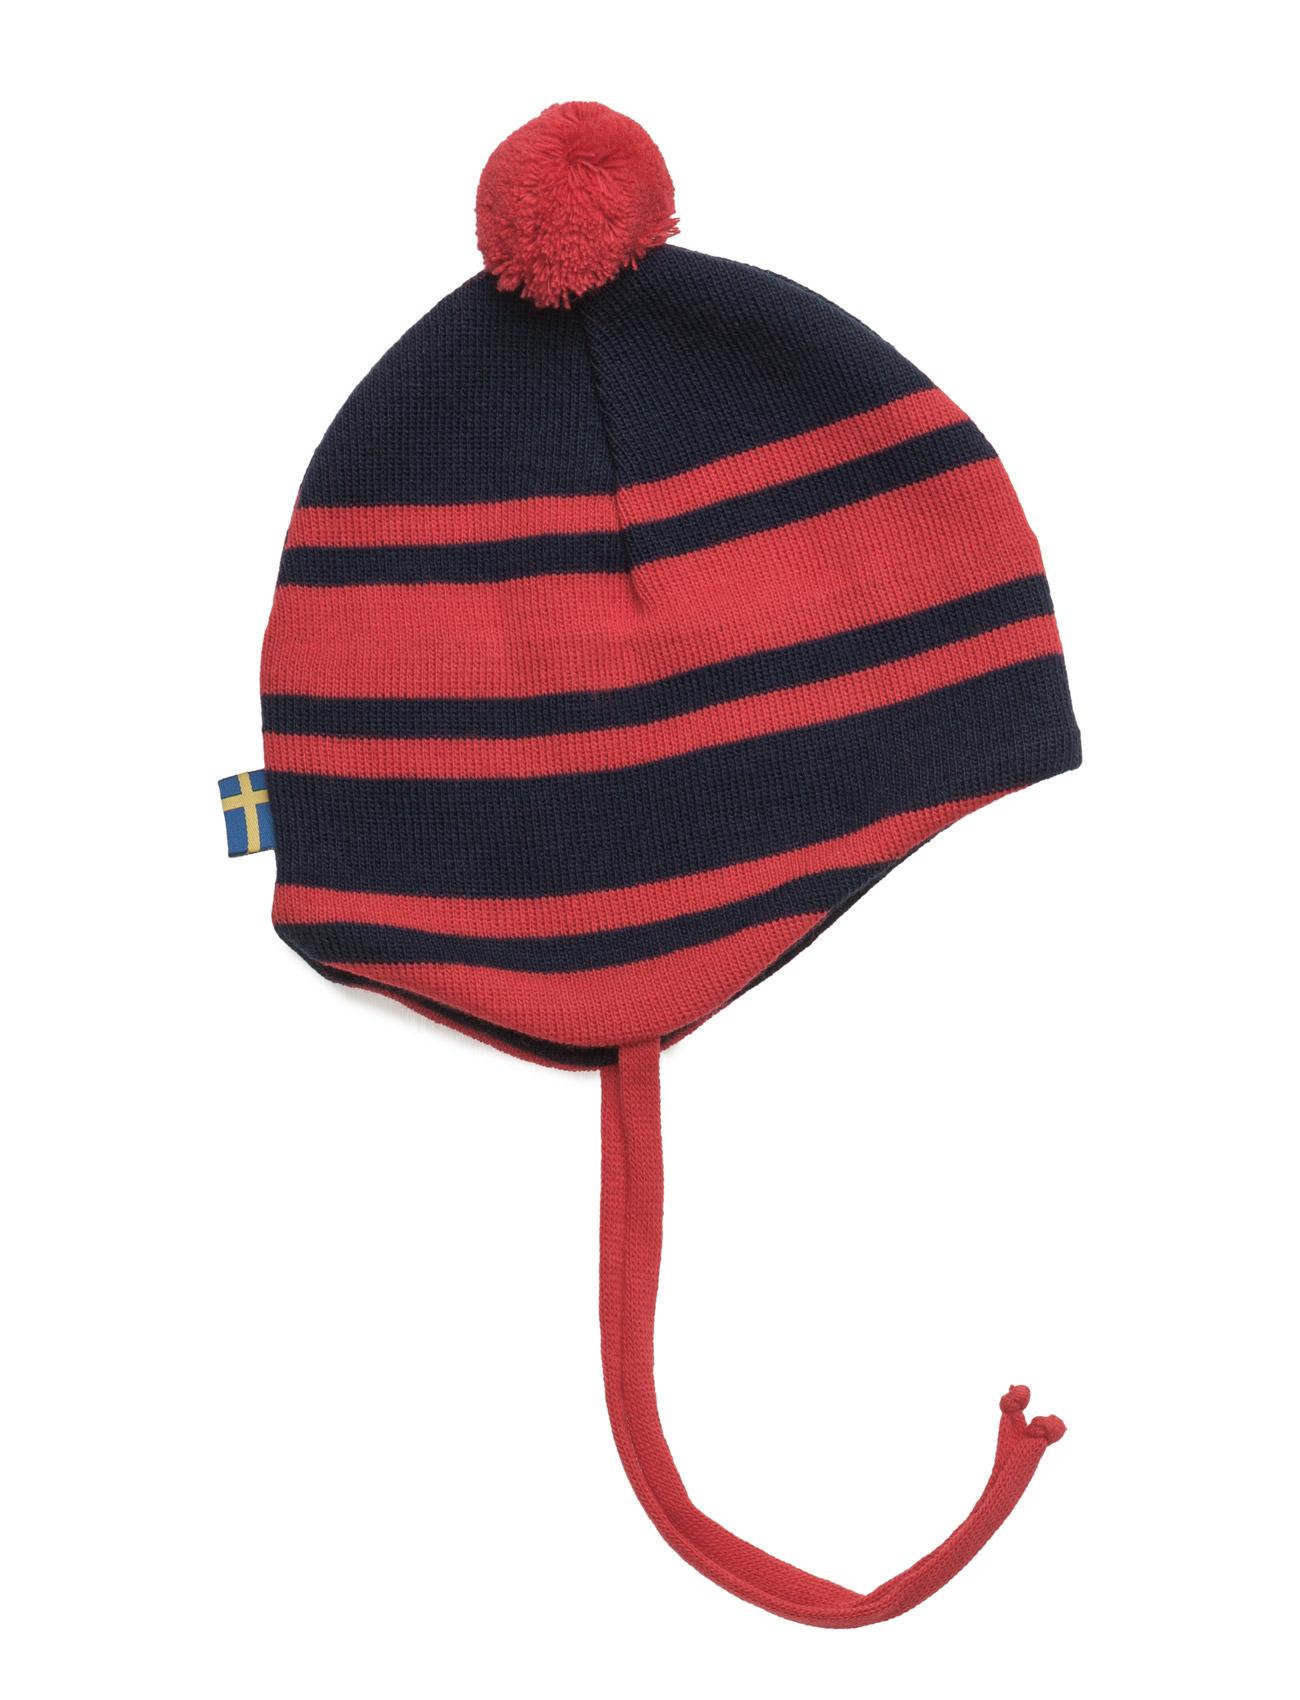 Knitted Baby Helmet Hat Geggamoja Hatte & Caps til Børn i marineblåt